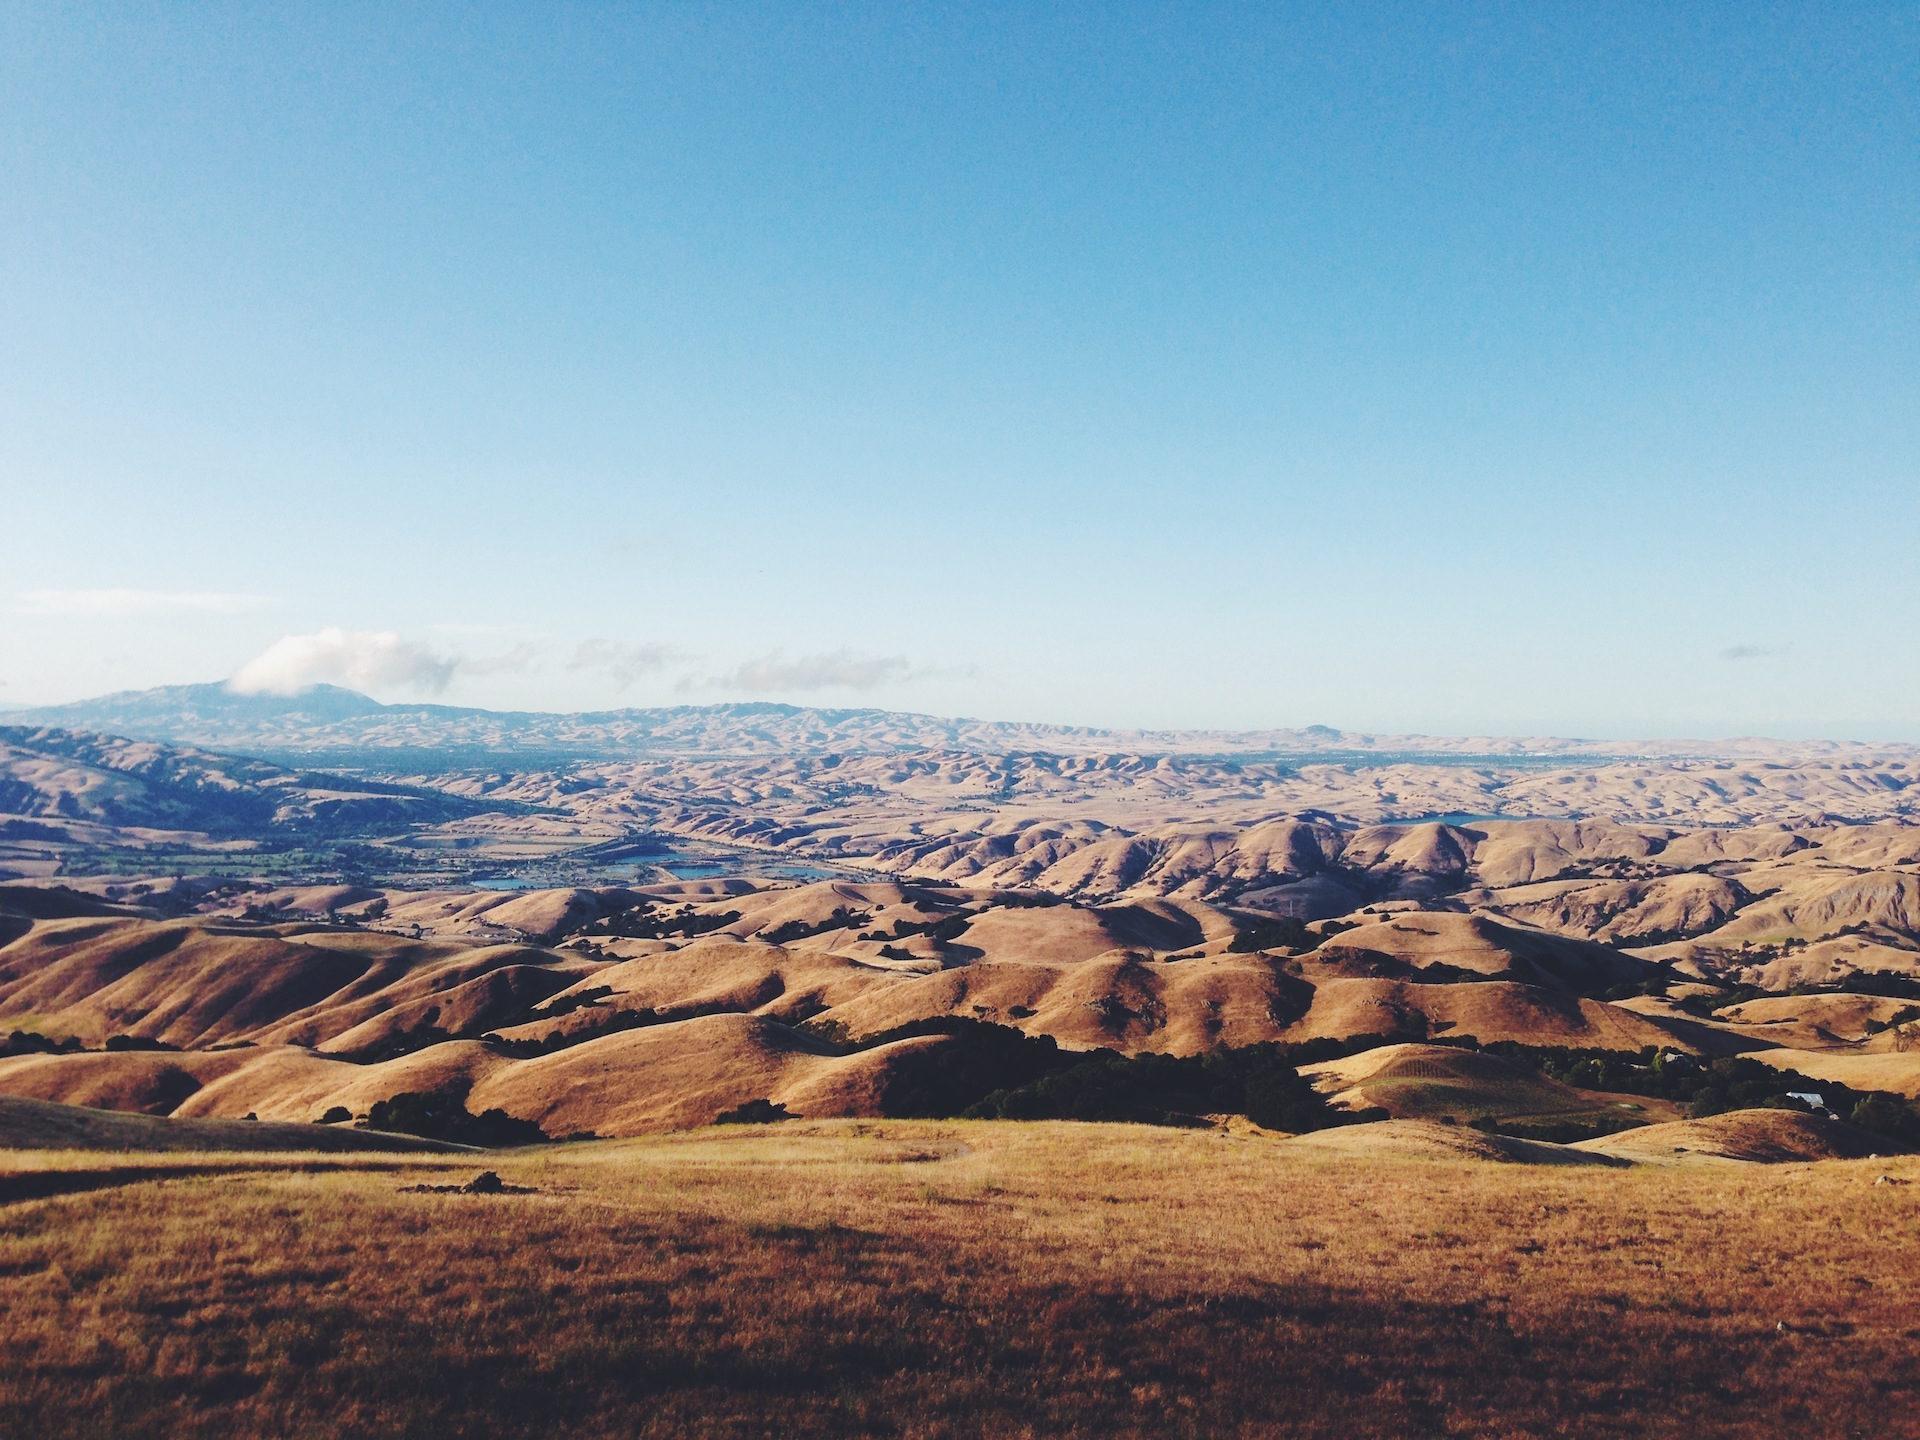 deserto, montañas, horizonte, Céu, nuvens - Papéis de parede HD - Professor-falken.com